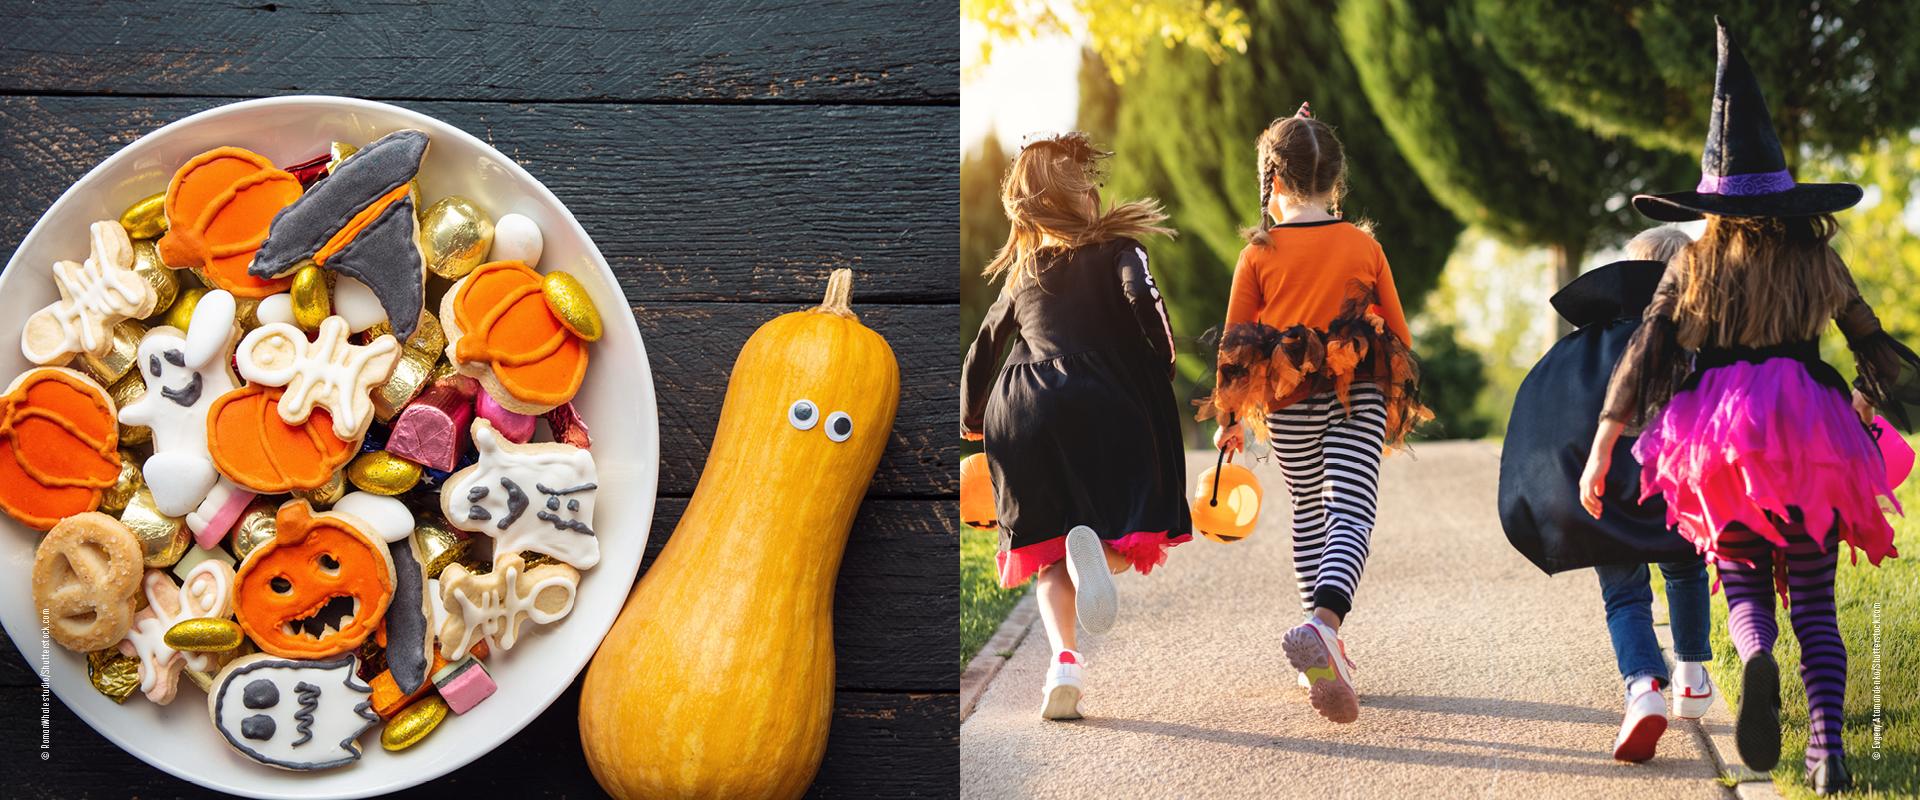 Kinder sammeln Süßigkeiten zu Halloween